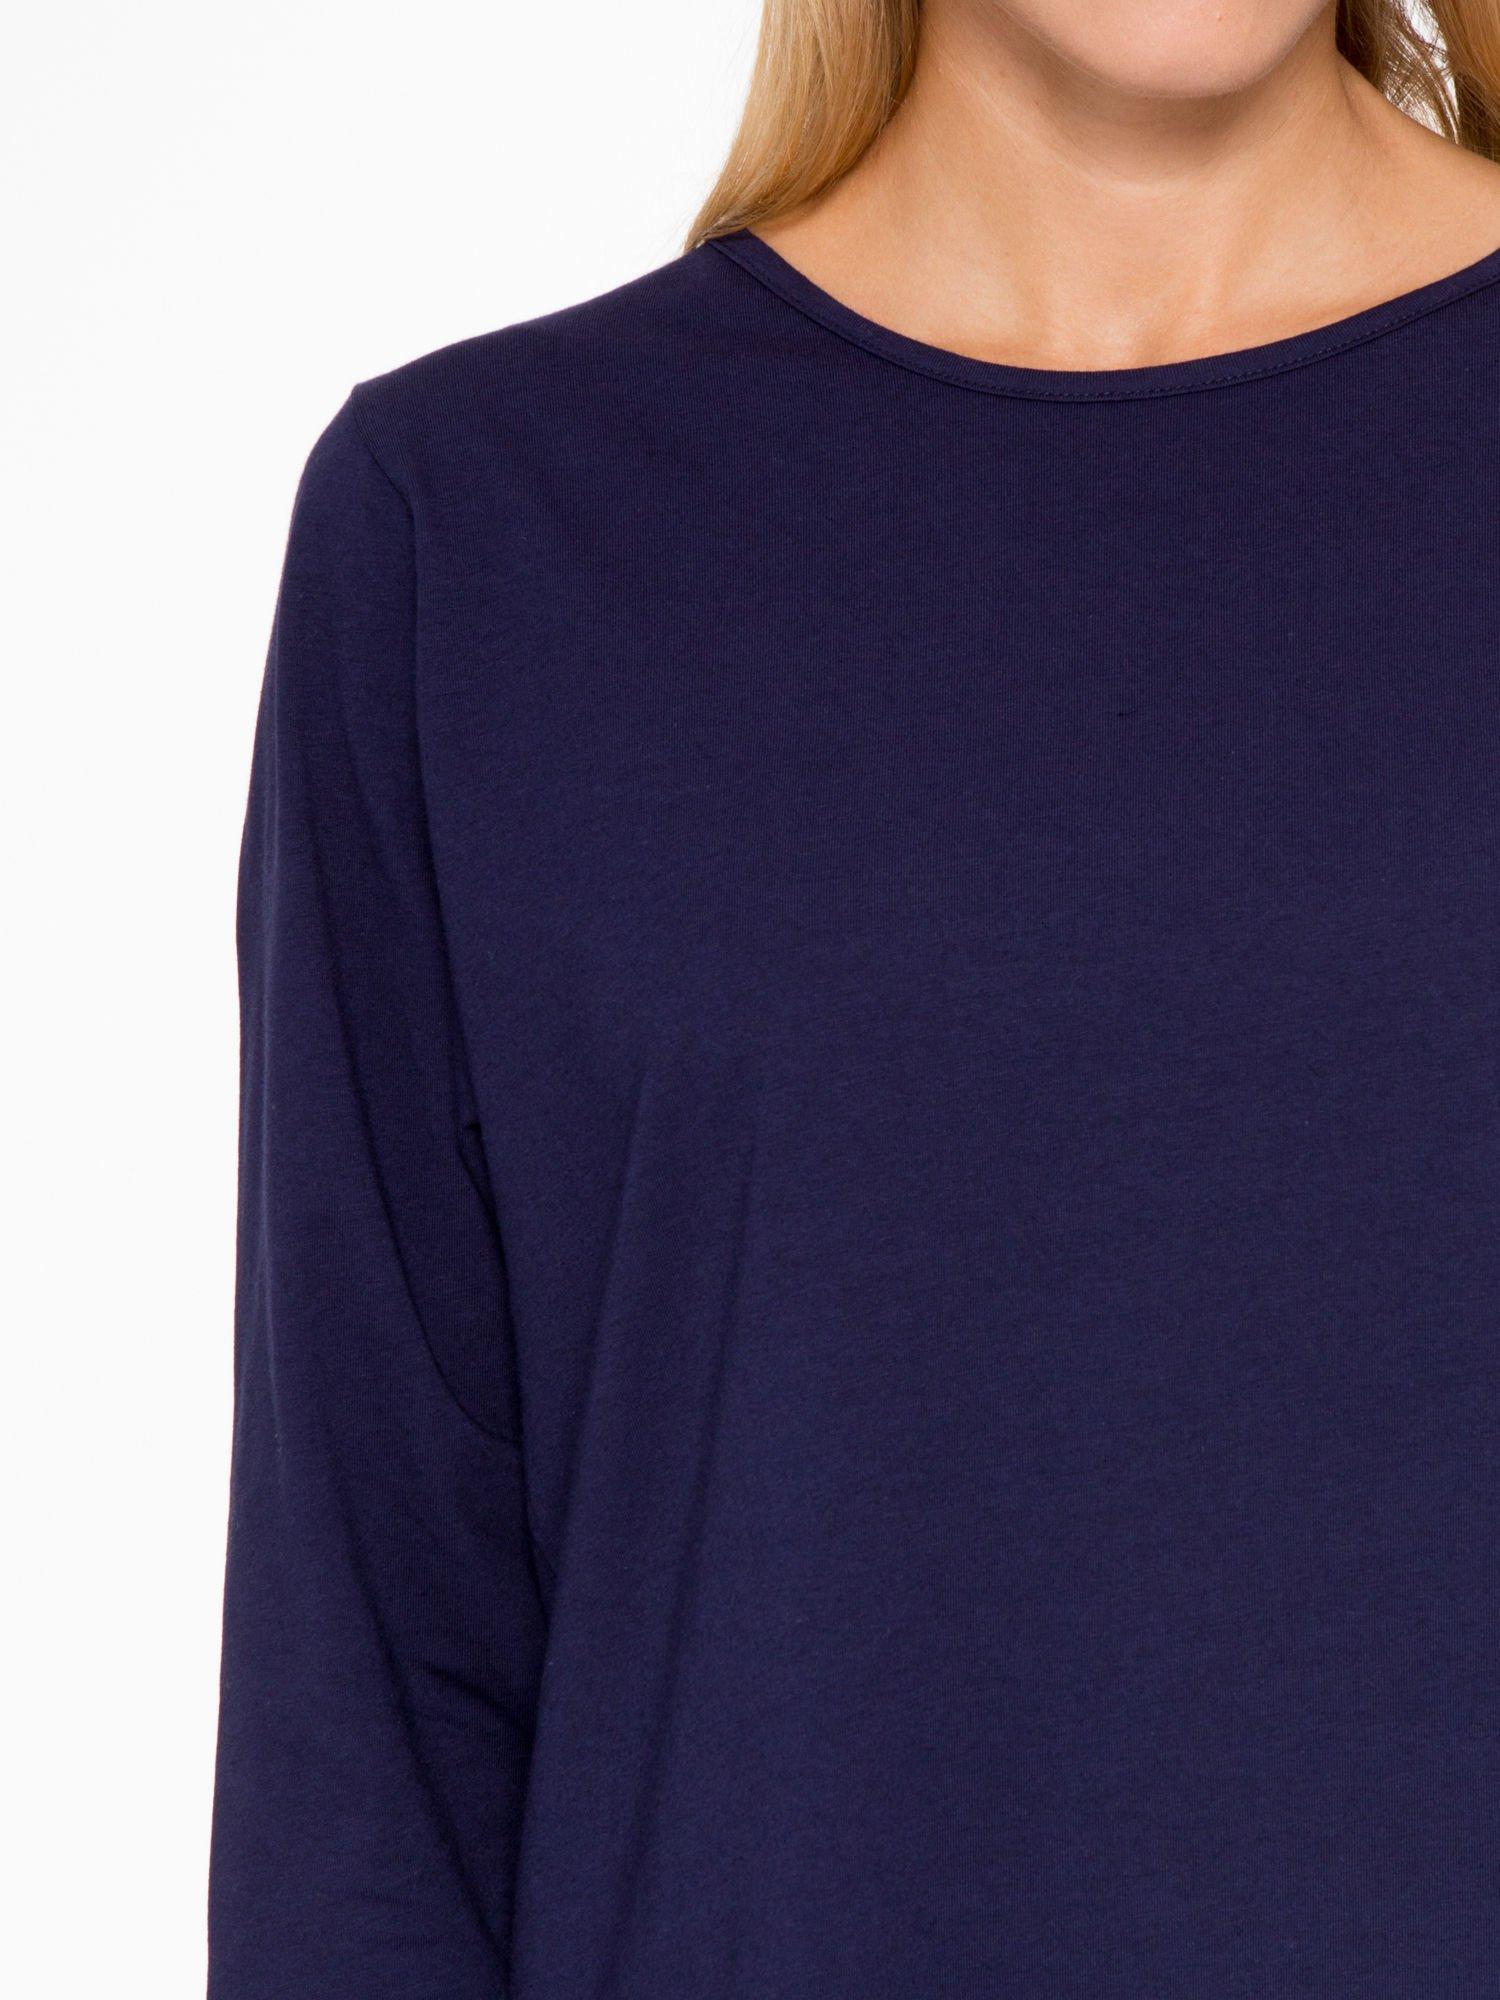 Granatowa basicowa bluzka z rękawem 3/4                                  zdj.                                  6